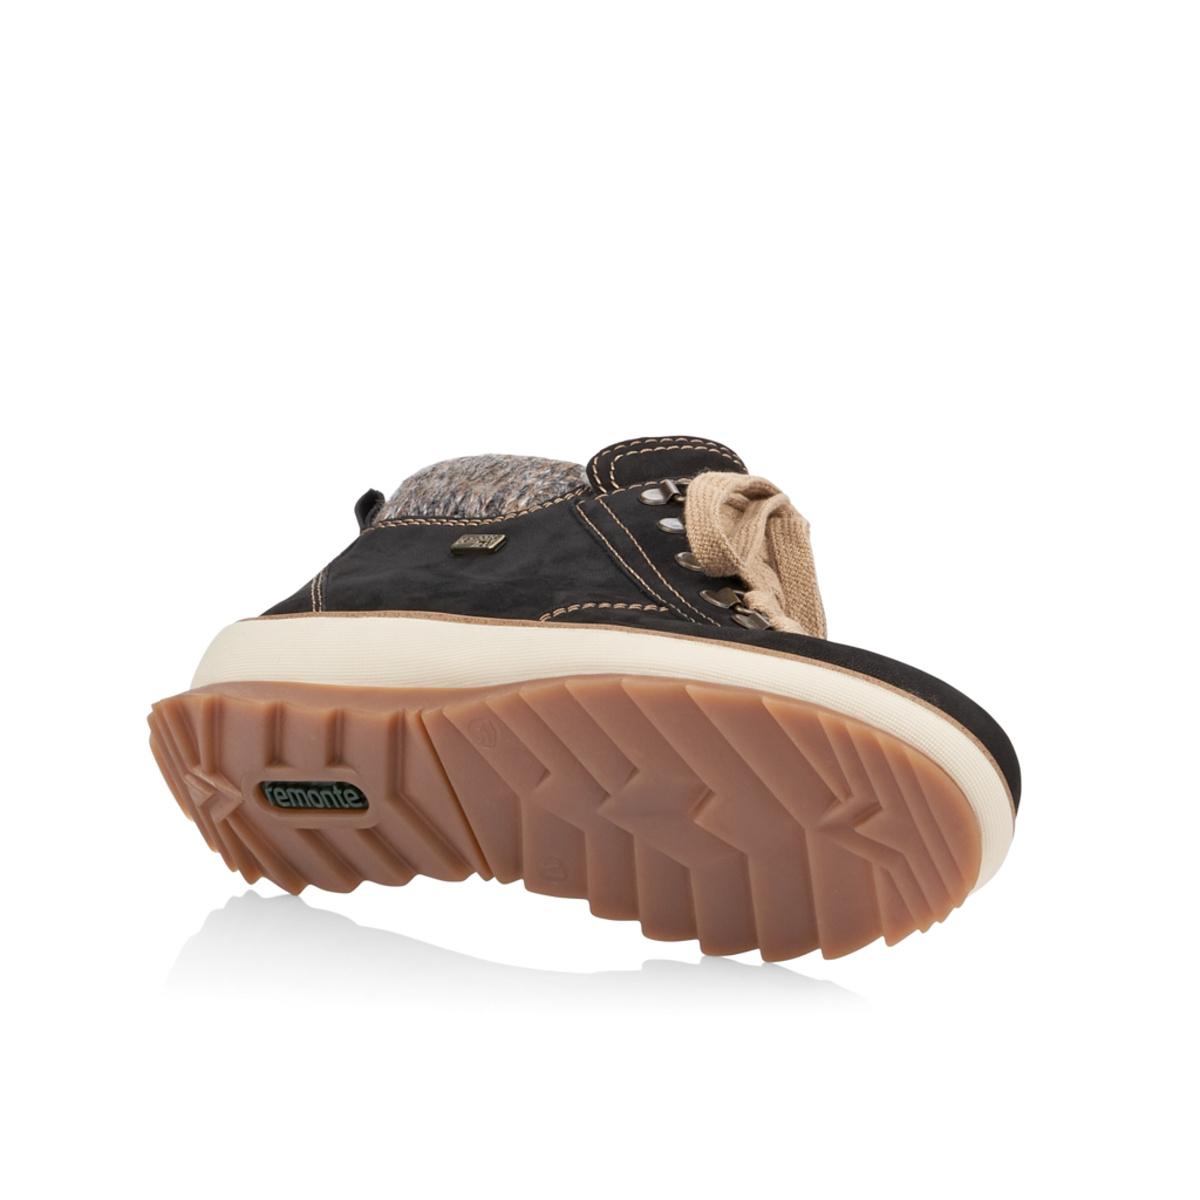 fa4c3d69ef detail Dámska obuv REMONTE BY RIEKER R4378 02 SCHWARZ KOMBI H W 8